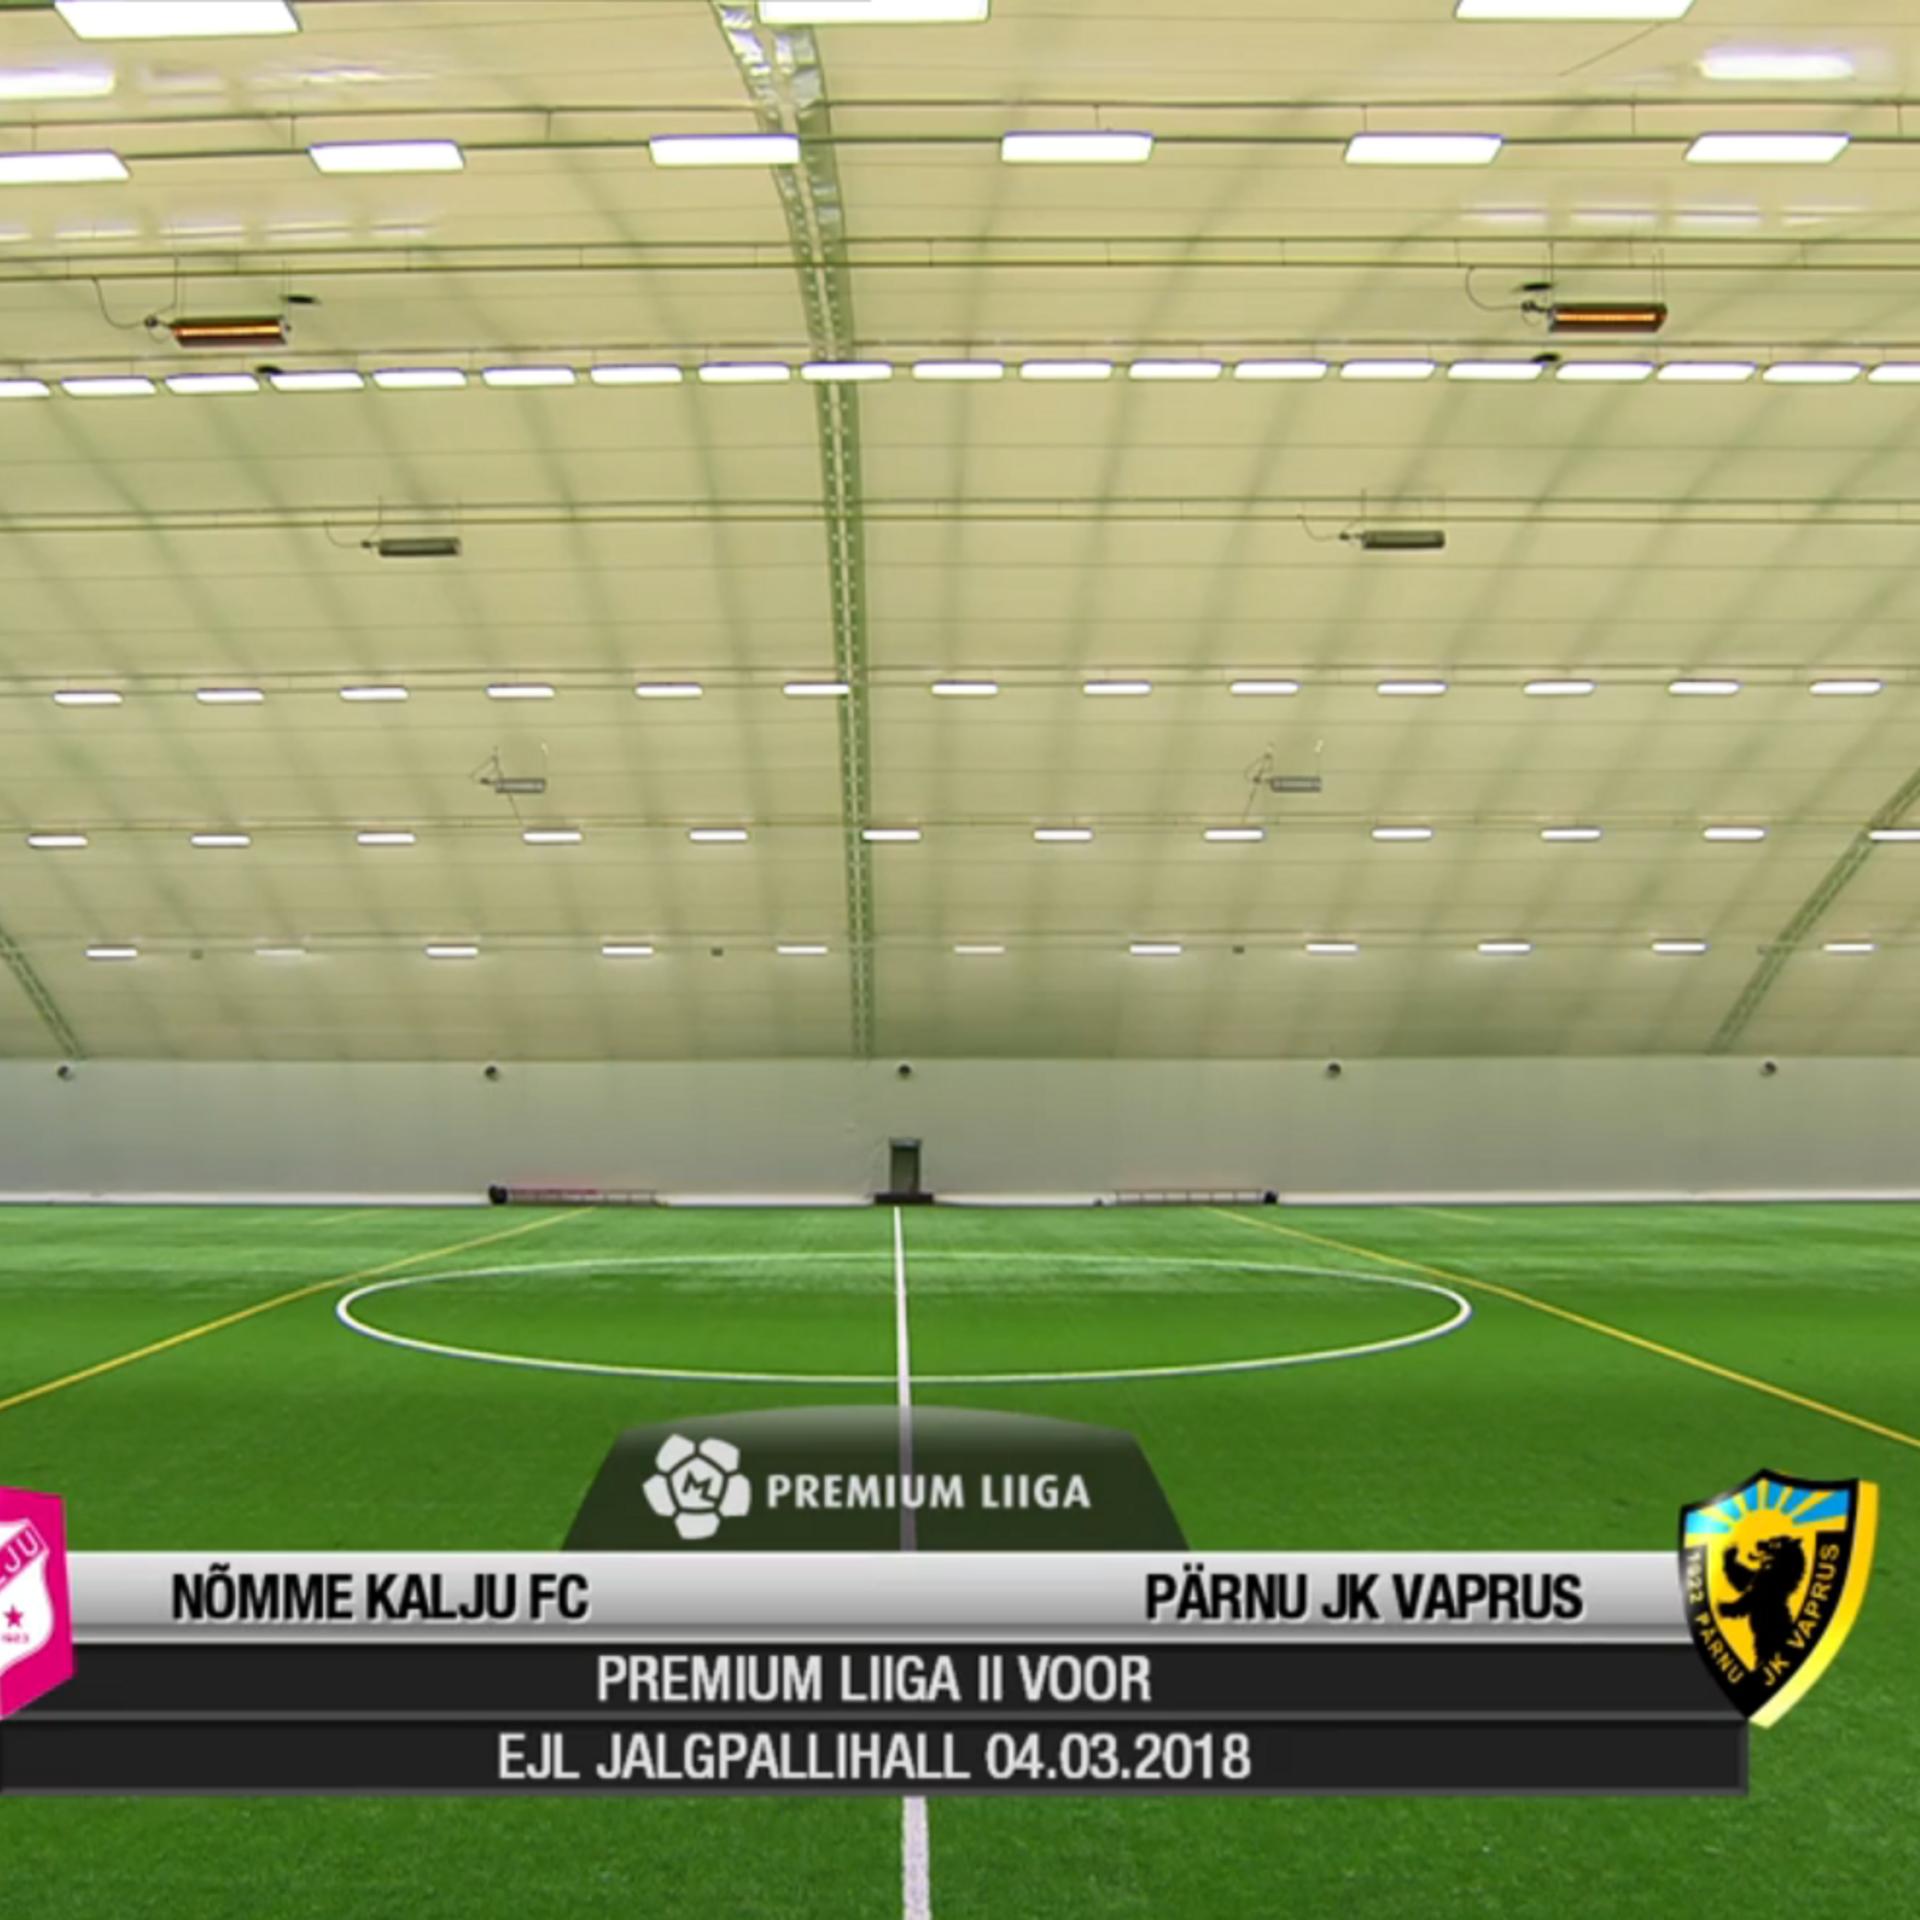 0774522b64c VAATA UUESTI | Nõmme Kalju FC - Pärnu JK Vaprus täispikkuses |  Järelvaatamine | ERR